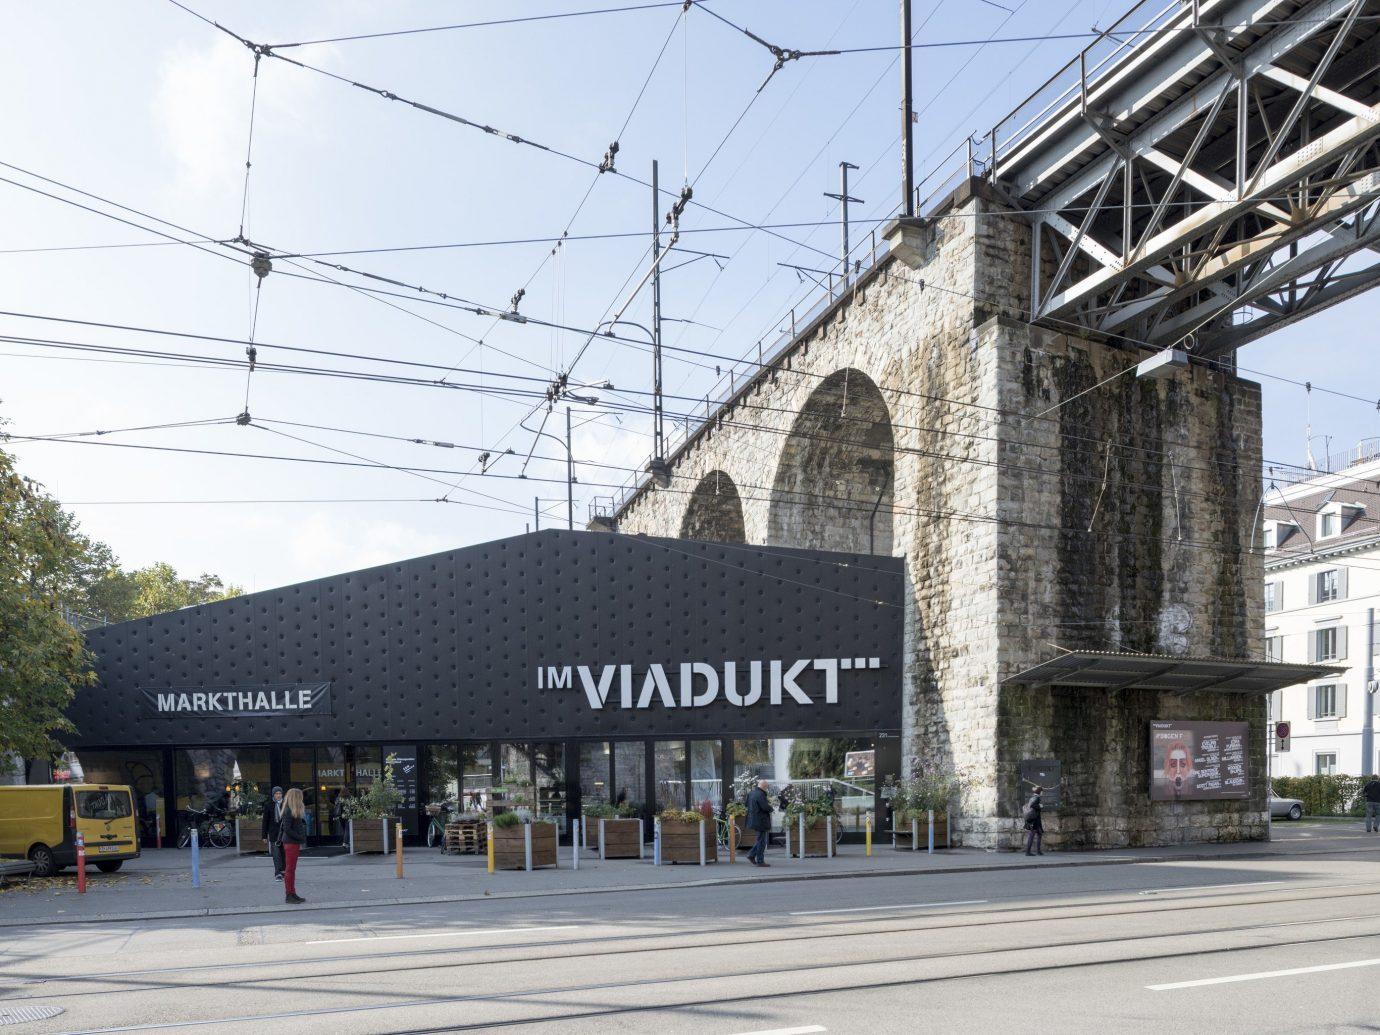 Markthalle im Viadukt